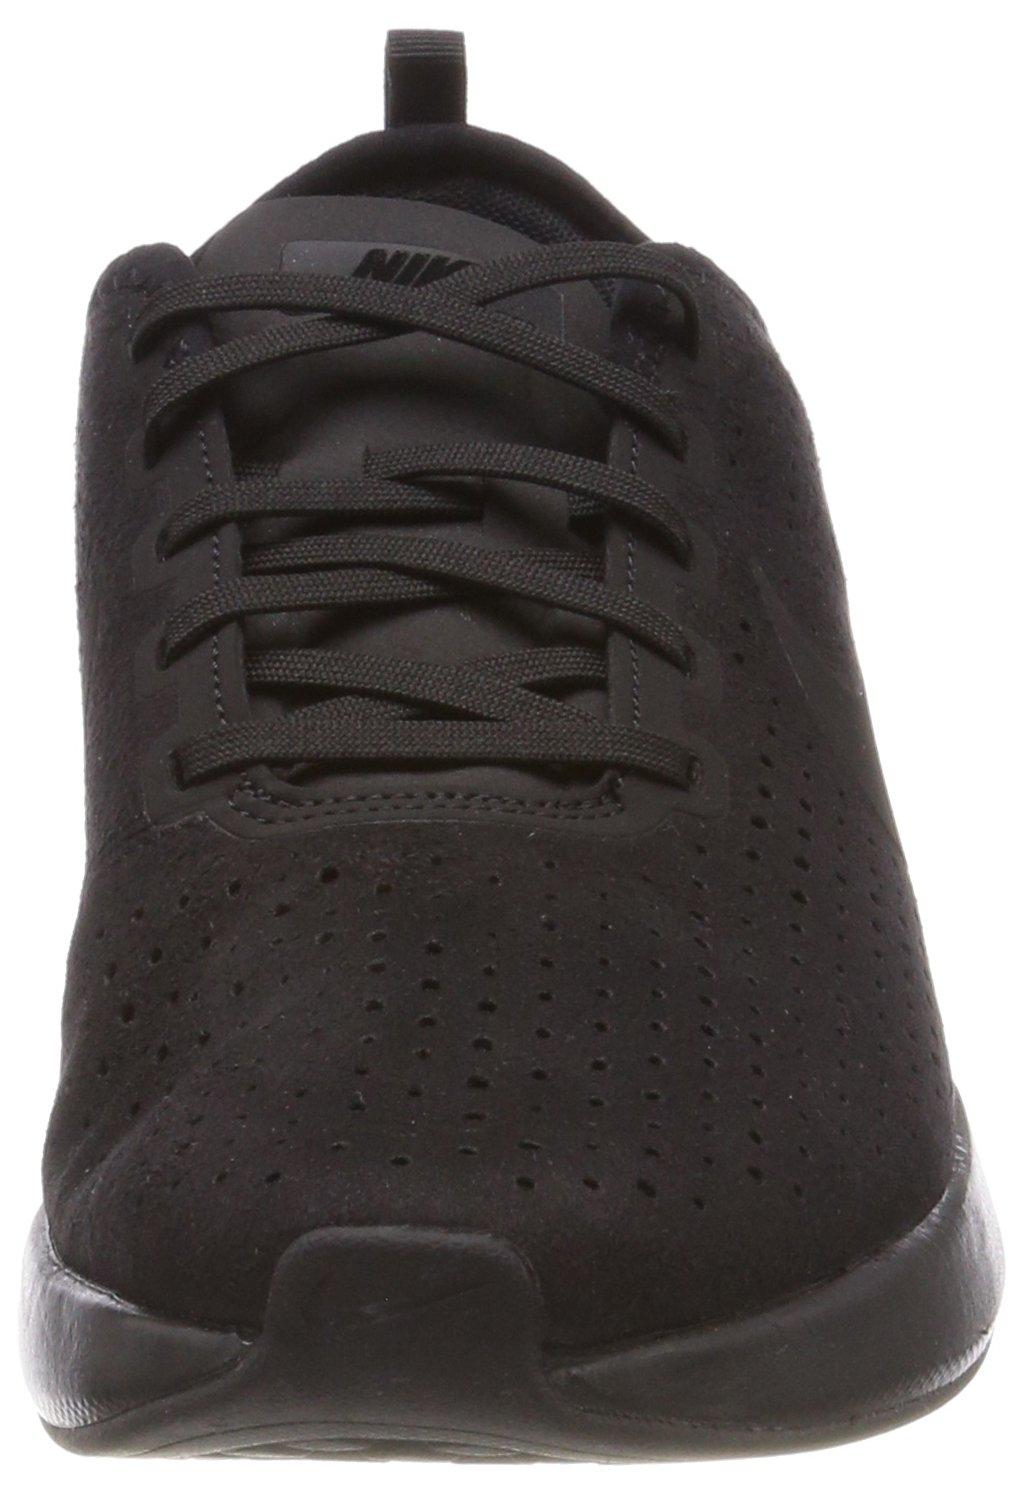 hommes hommes / femmes nike dualtone racer pmr occasionnel occasionnel occasionnel promotion une variété de chaussures gg22309 toute la gamme de spécifications 86ac29